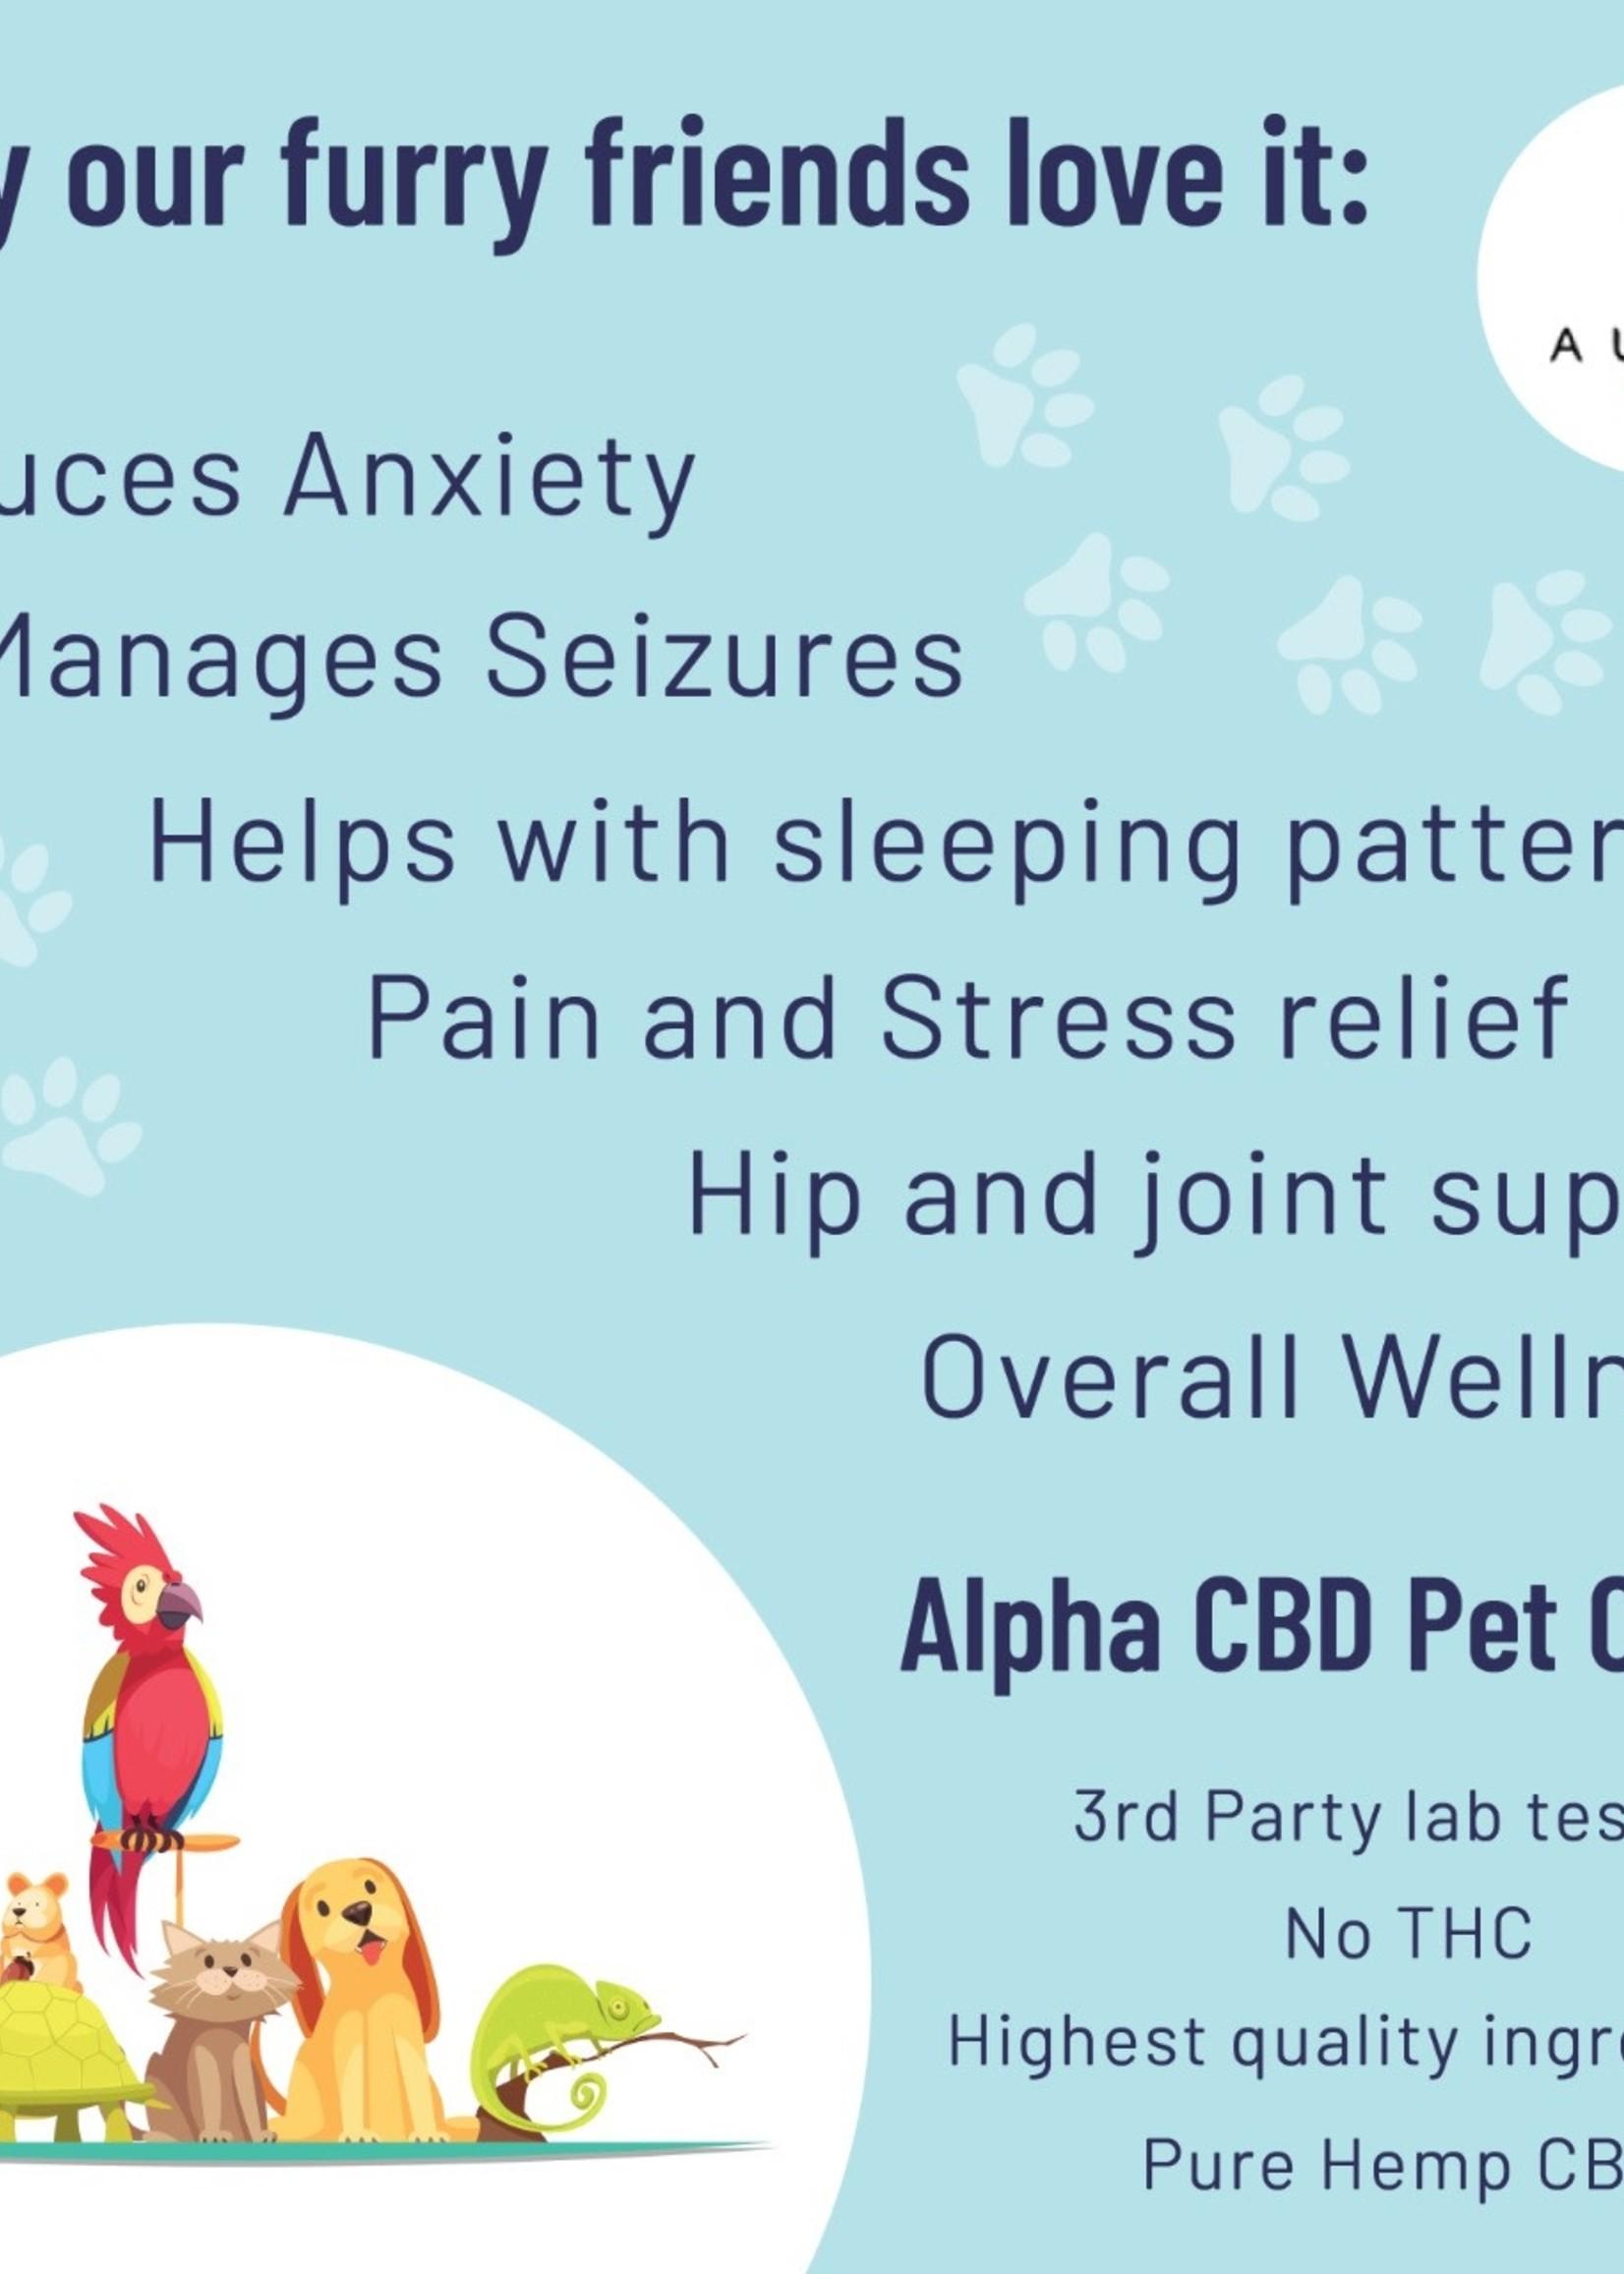 Alpha CBD - Pet oil